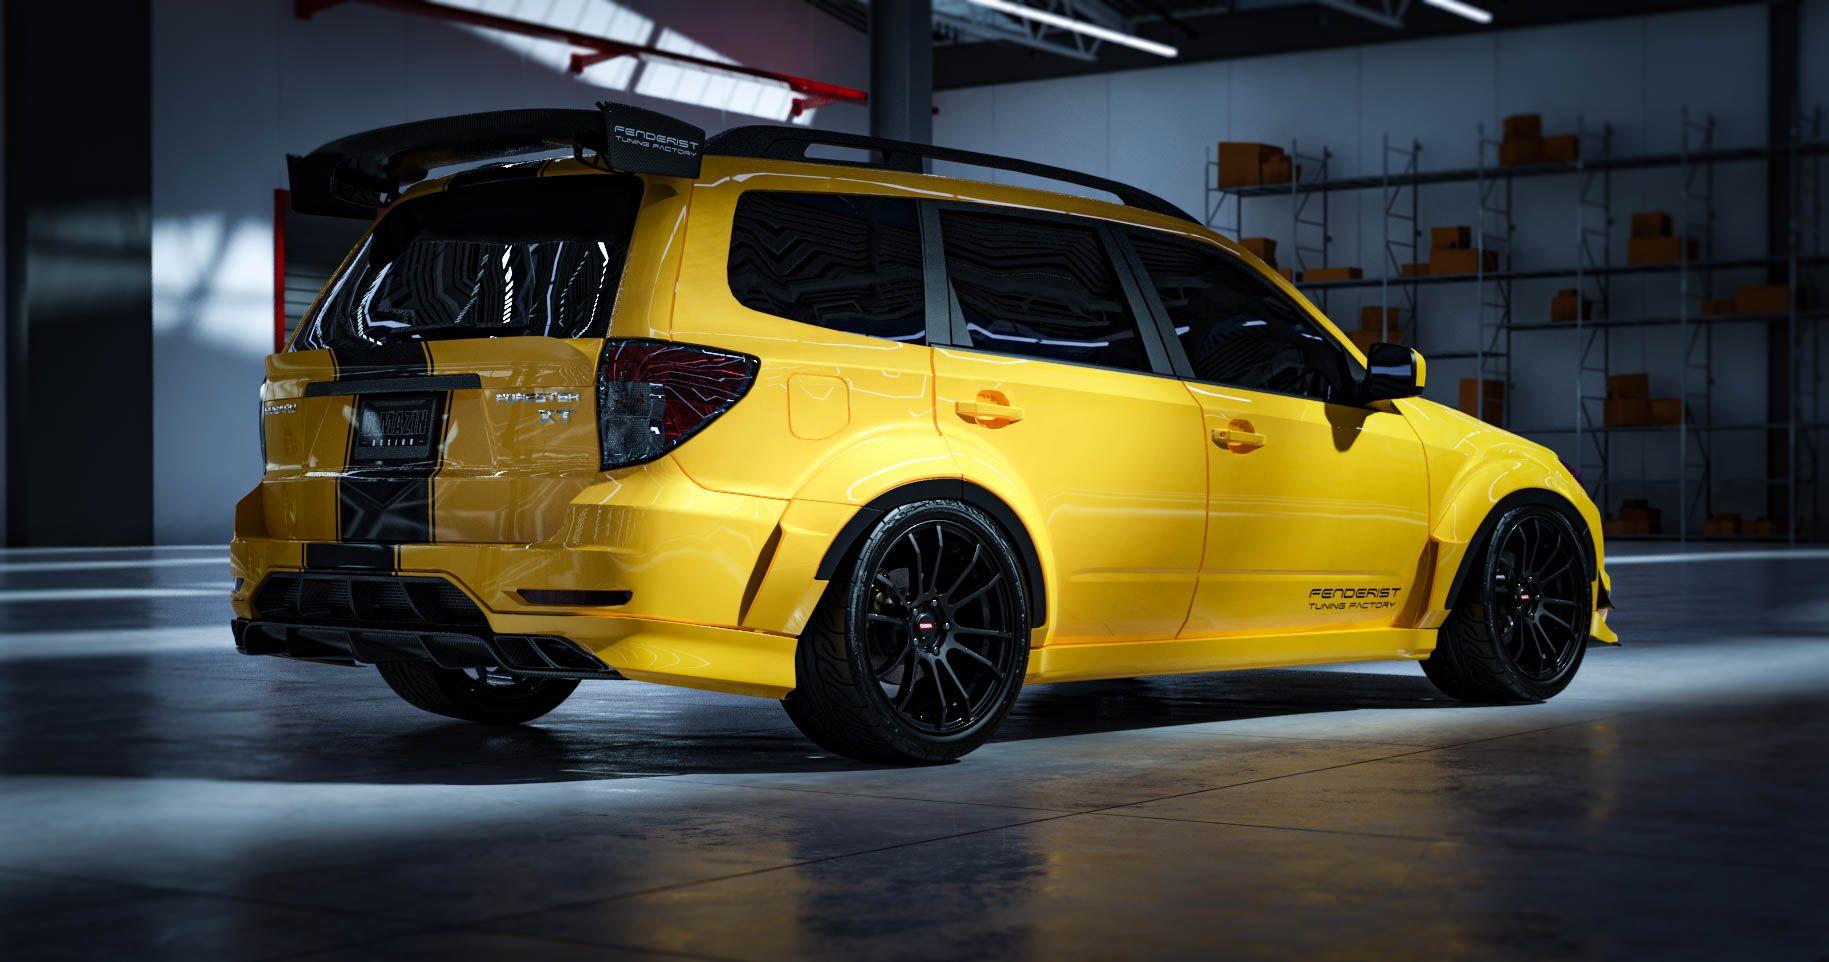 Top Spoiler Ver 2 Subaru Forester Sh 07 14 In 2020 Subaru Forester Subaru Forester Xt Subaru